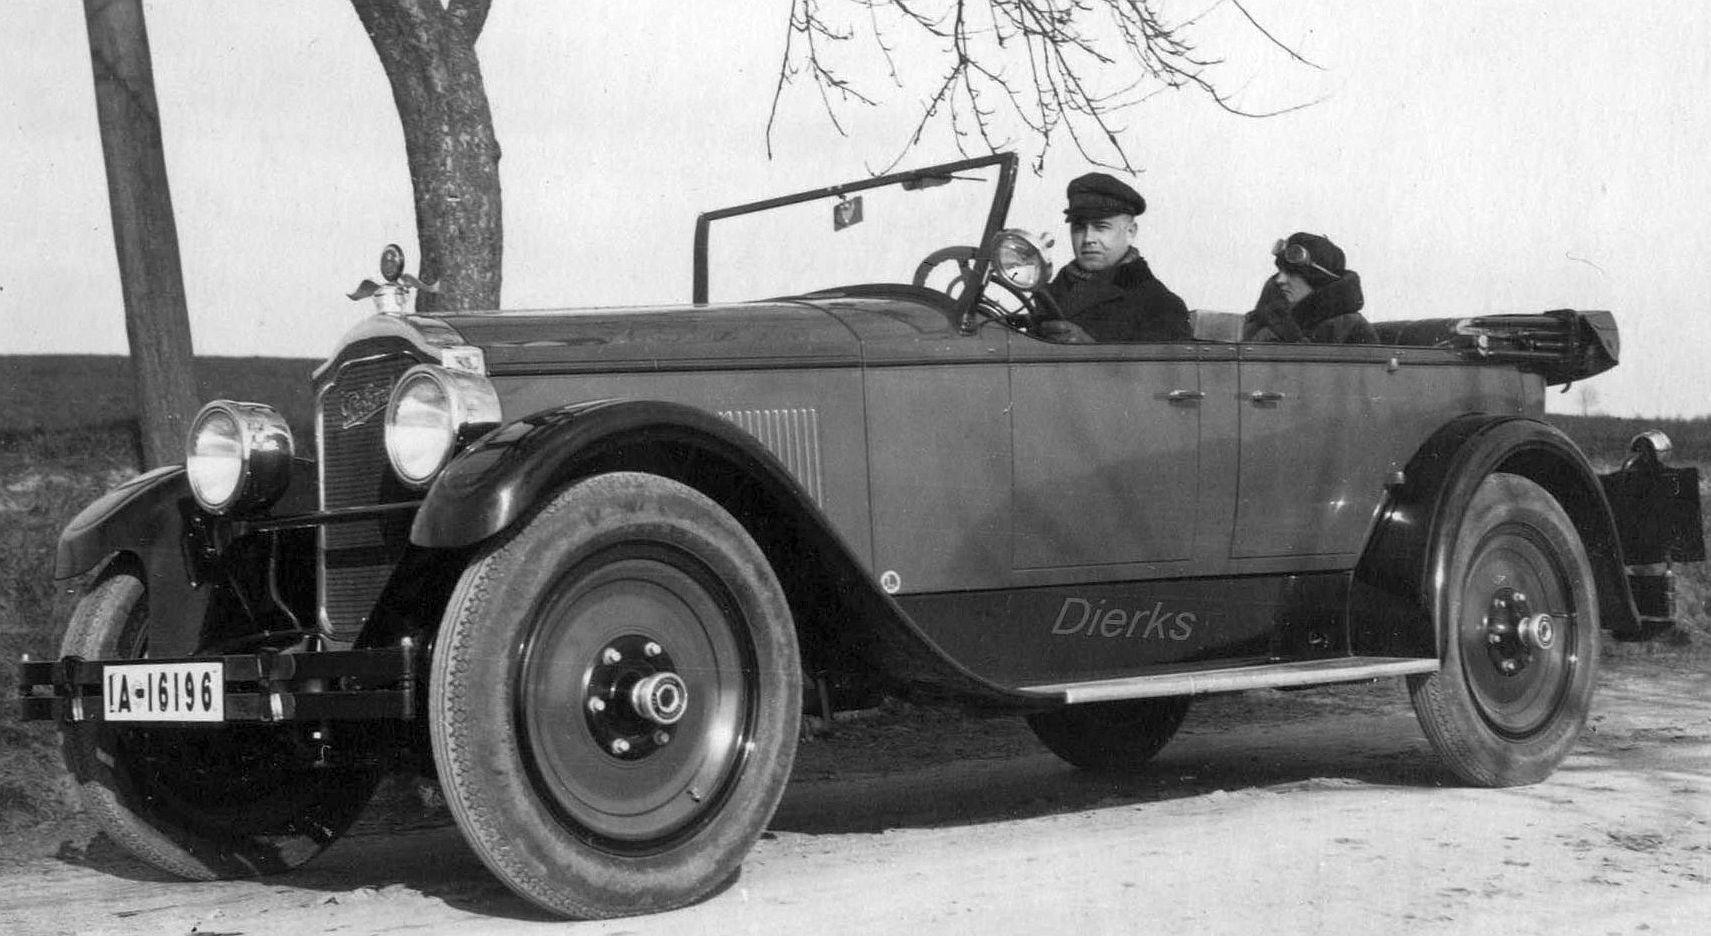 Packard_1926_Tourer_Dierks_Galerie